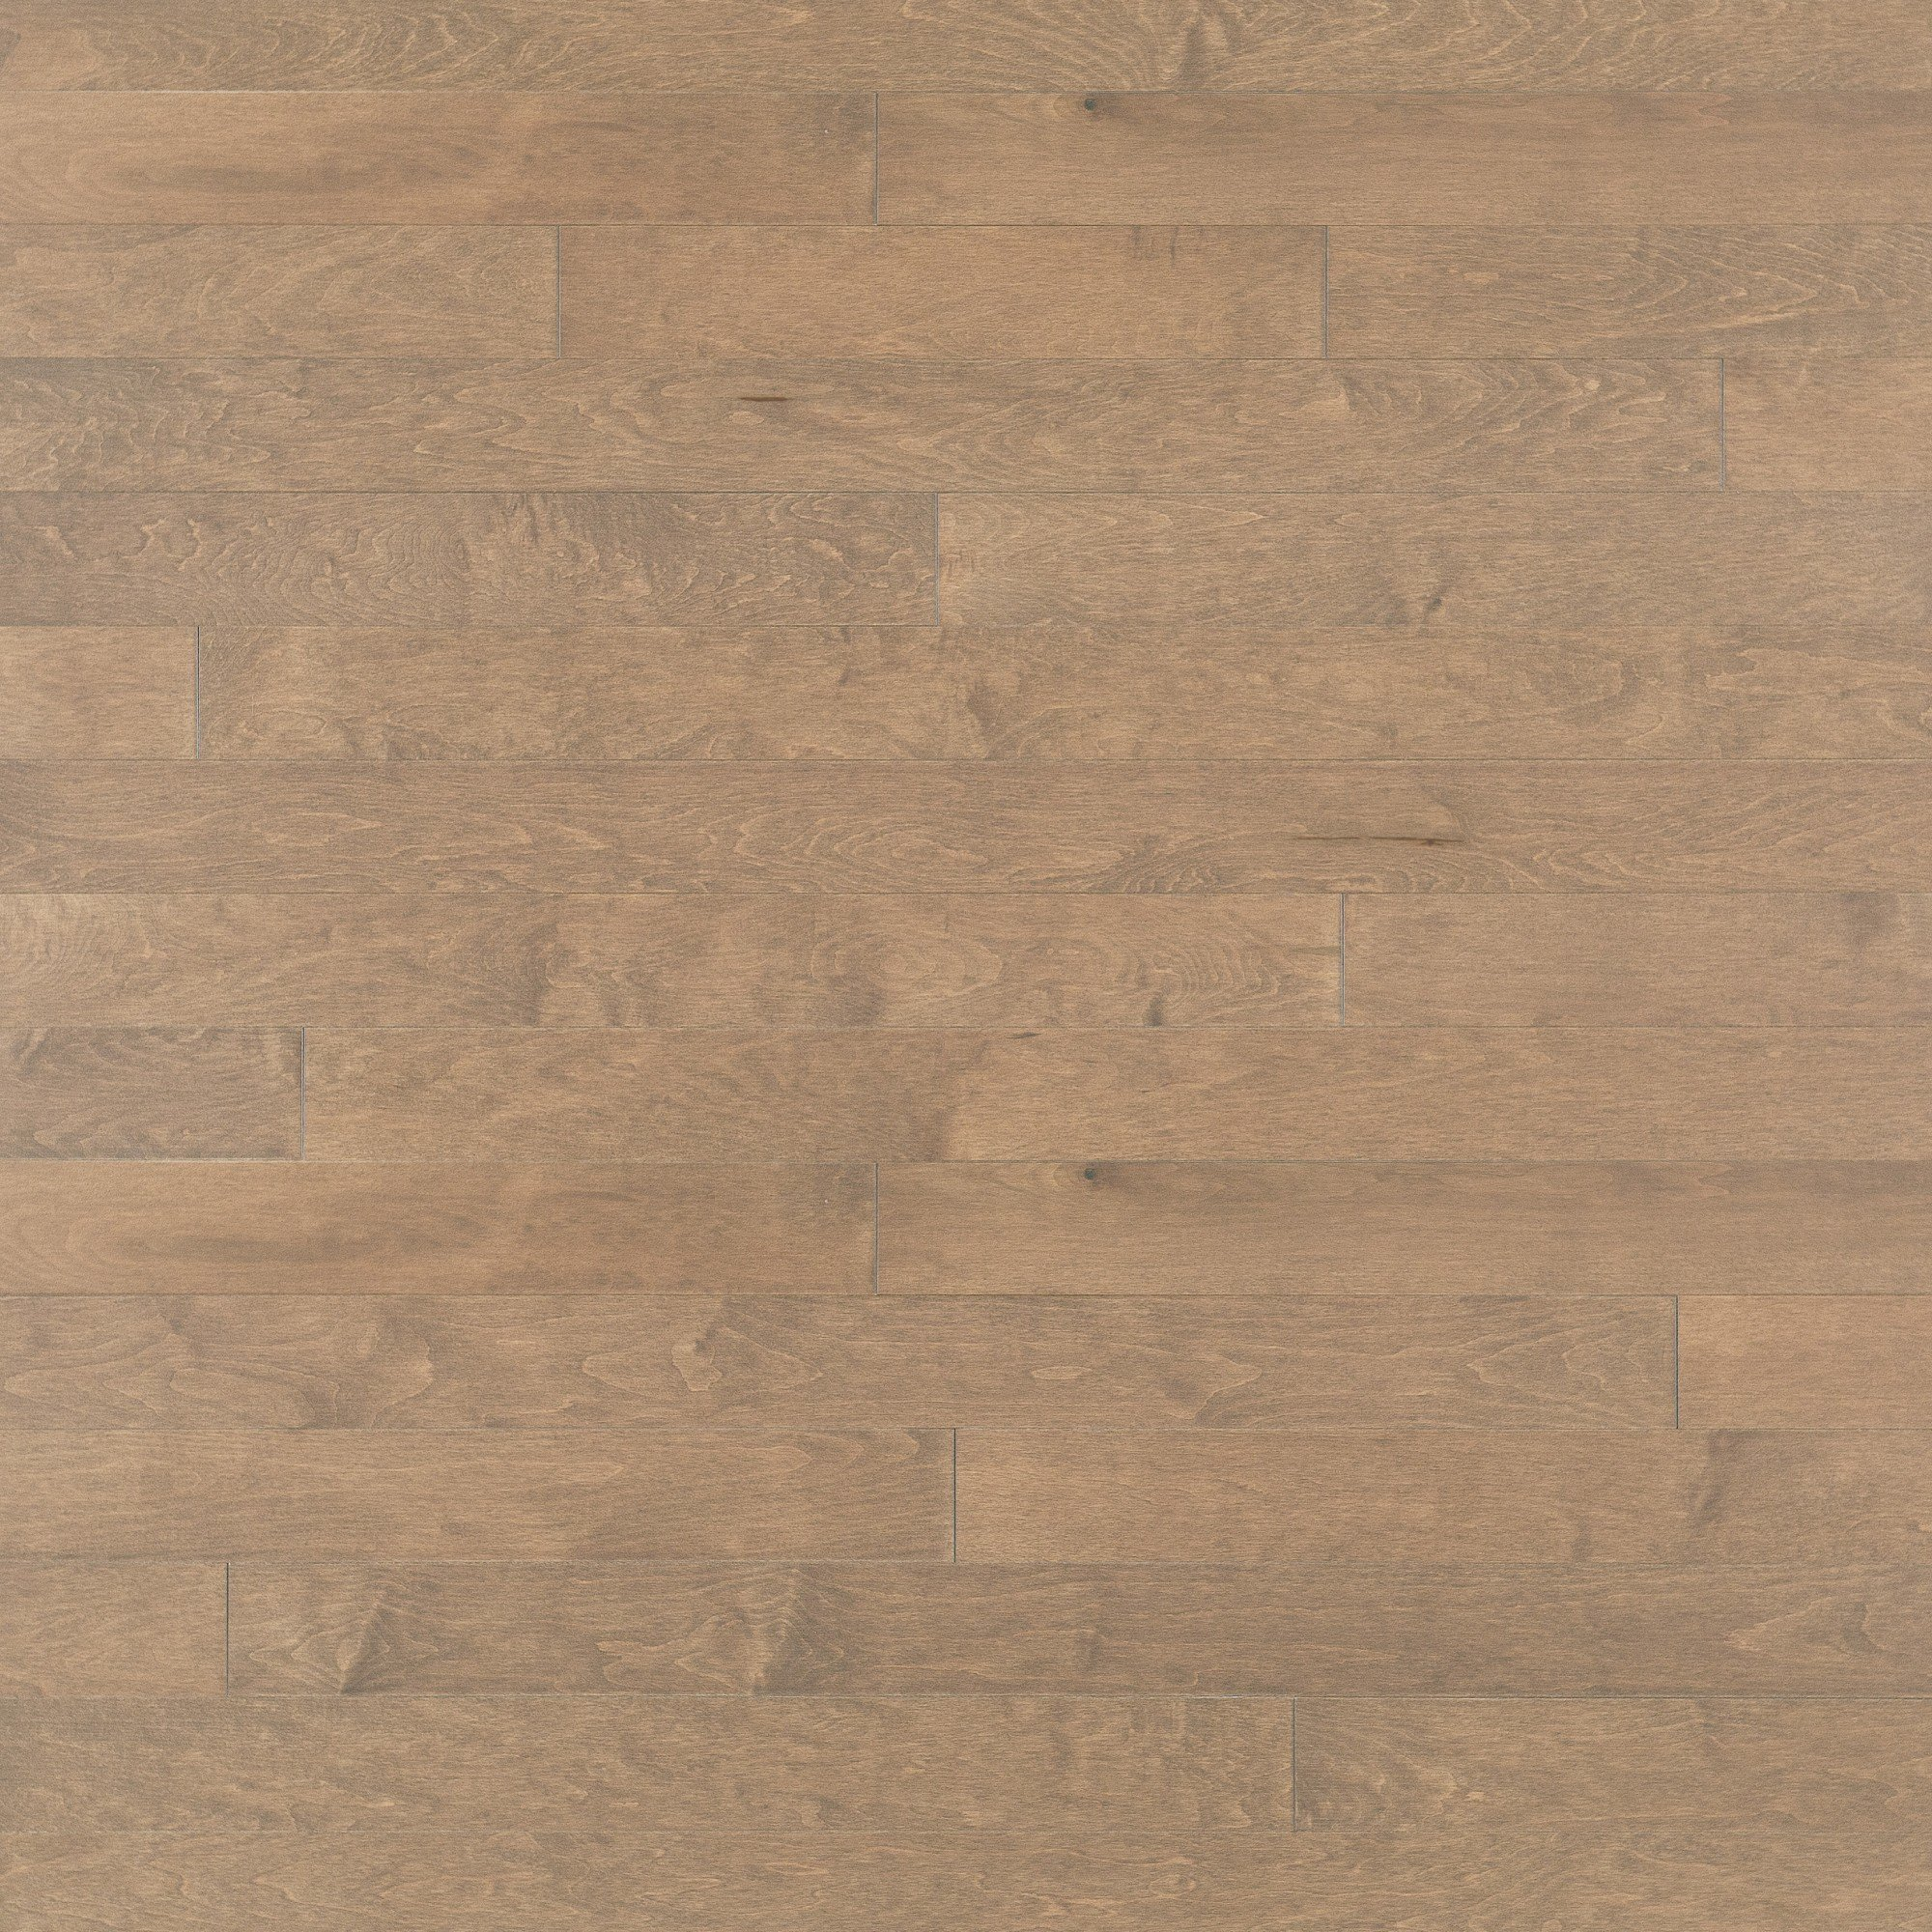 Érable Hudson Exclusive Lisse - Image plancher